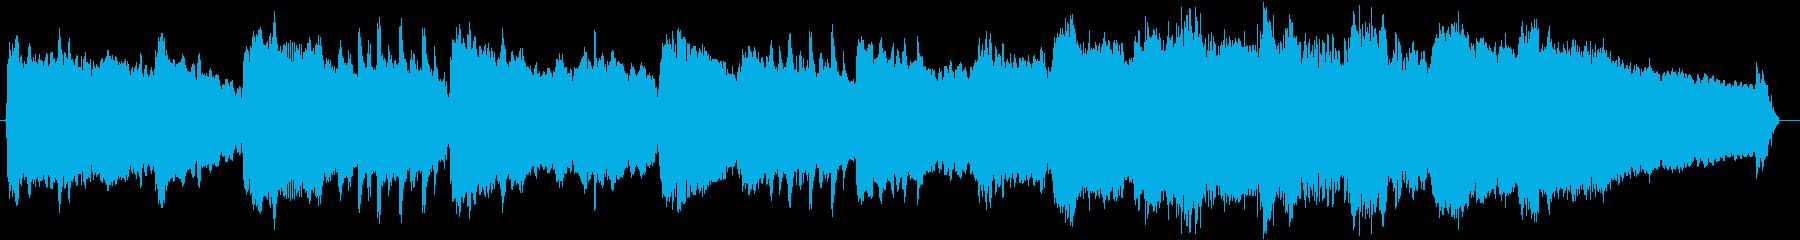 2001年宇宙の旅 ツァラトゥストラ~の再生済みの波形